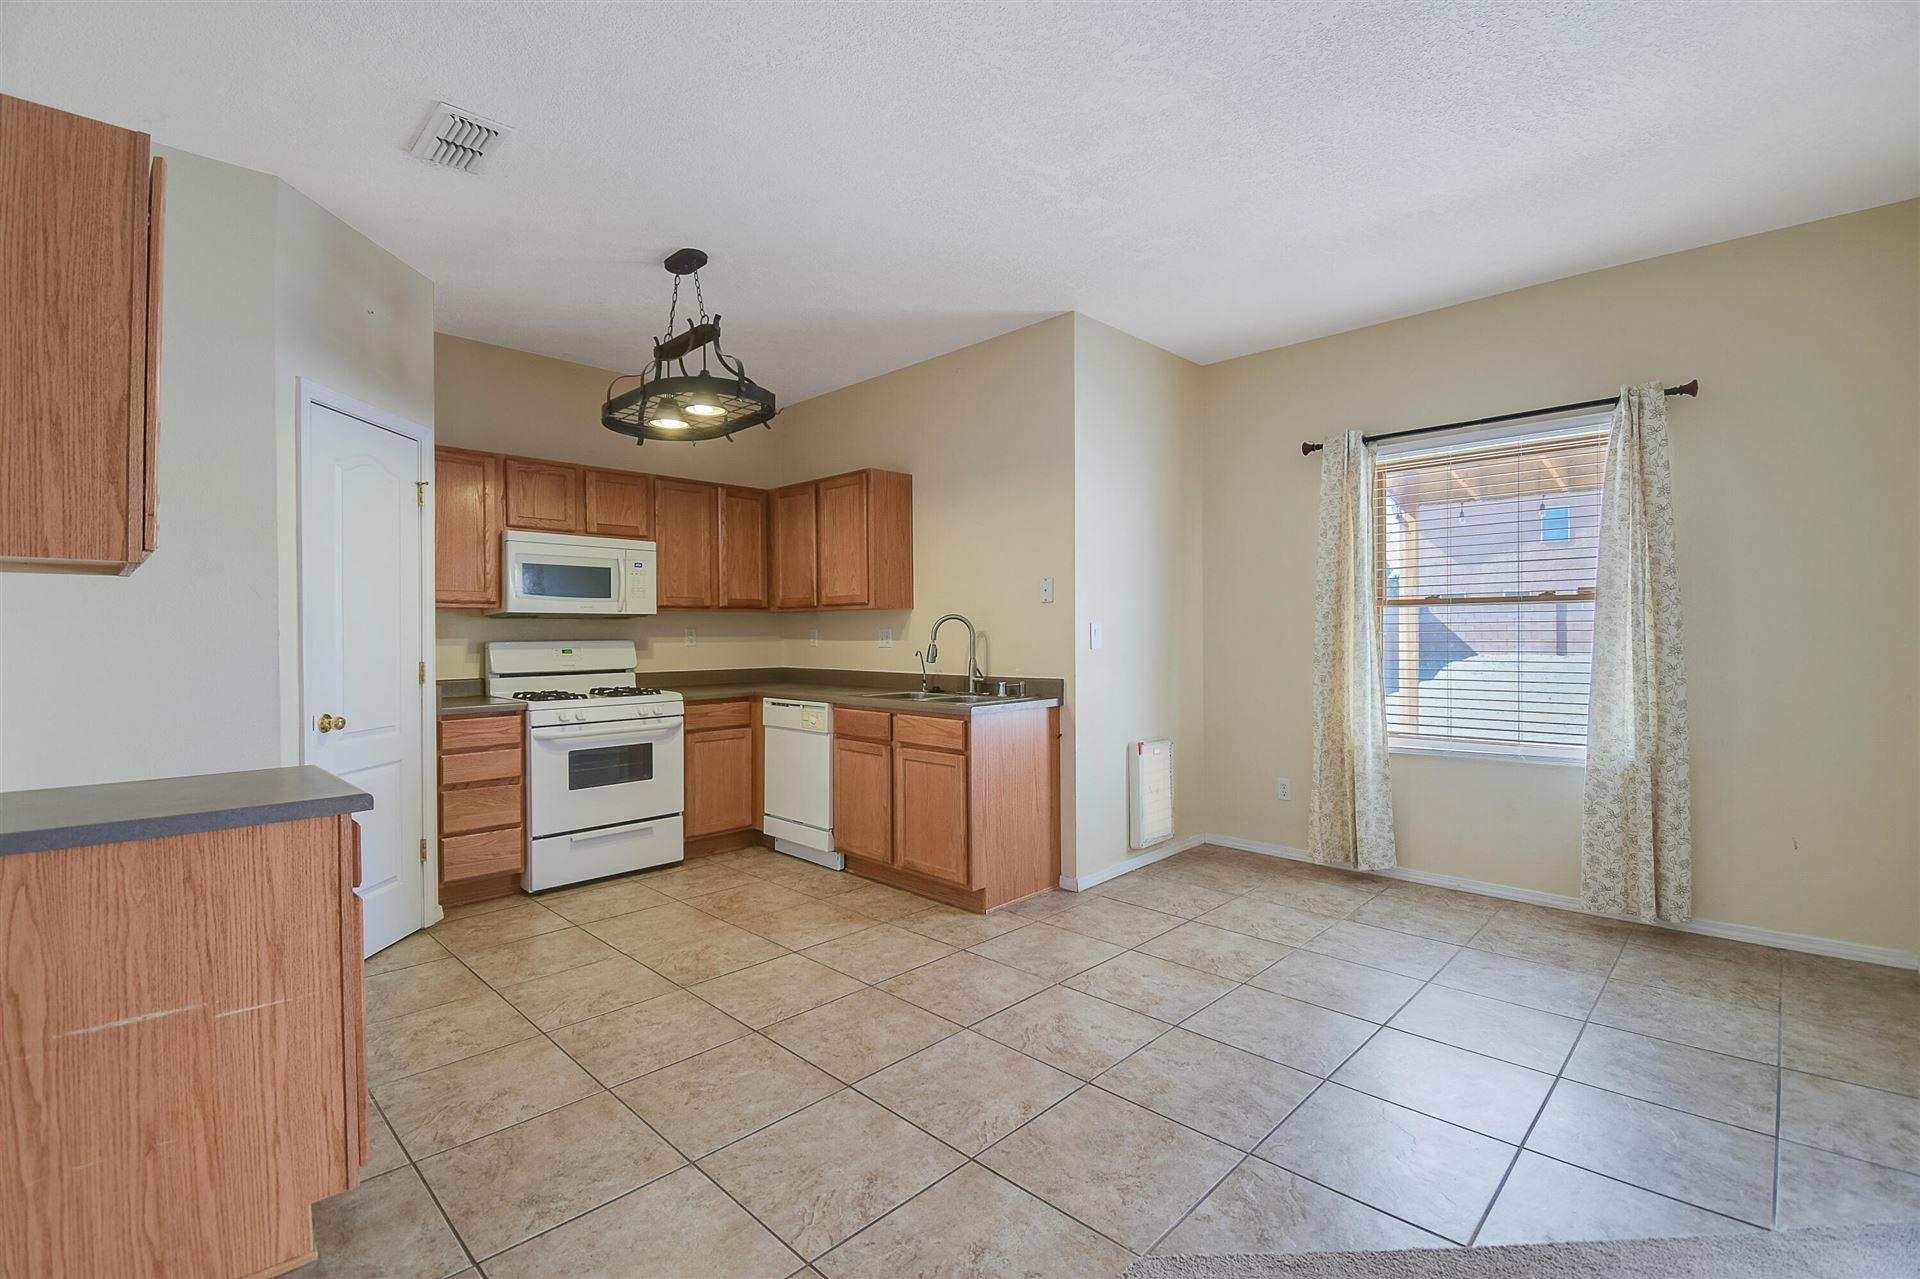 Photo of 1341 TESUQUE Court NE, Rio Rancho, NM 87144 (MLS # 989696)